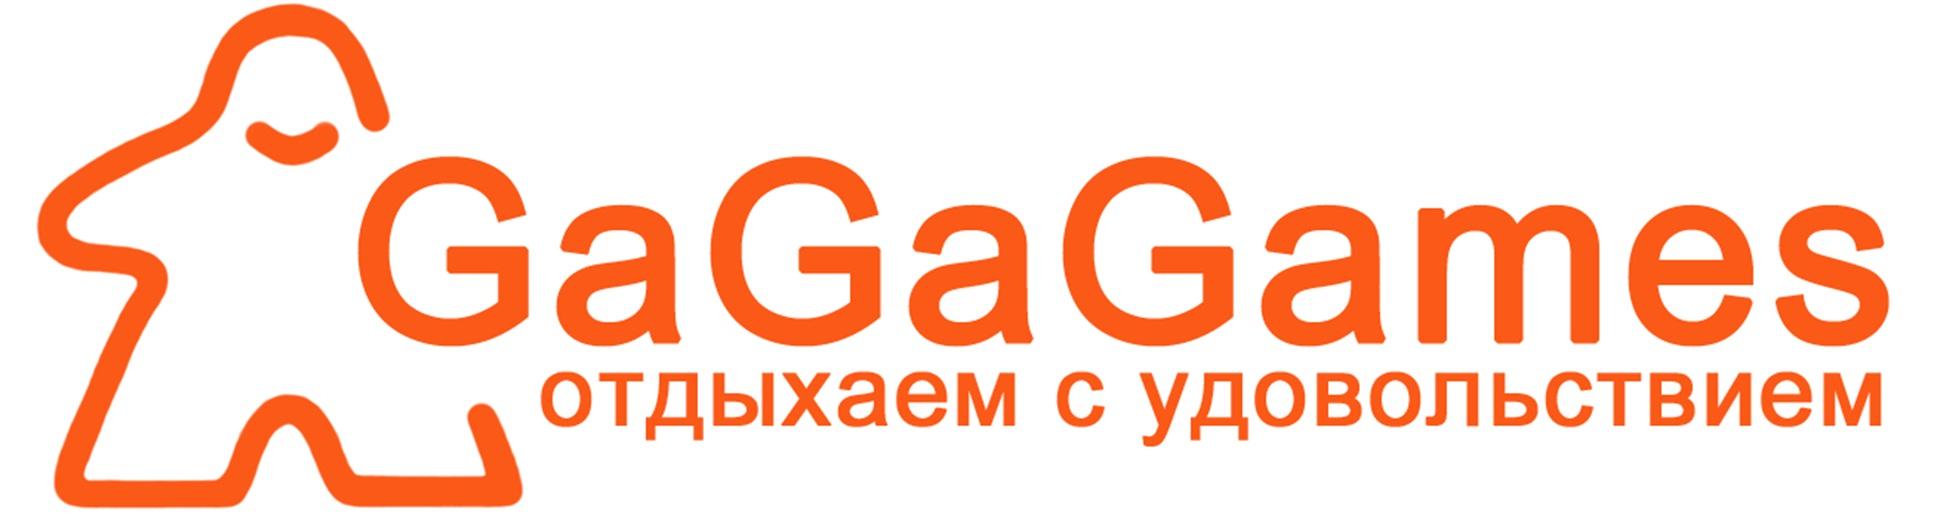 GaGaGames